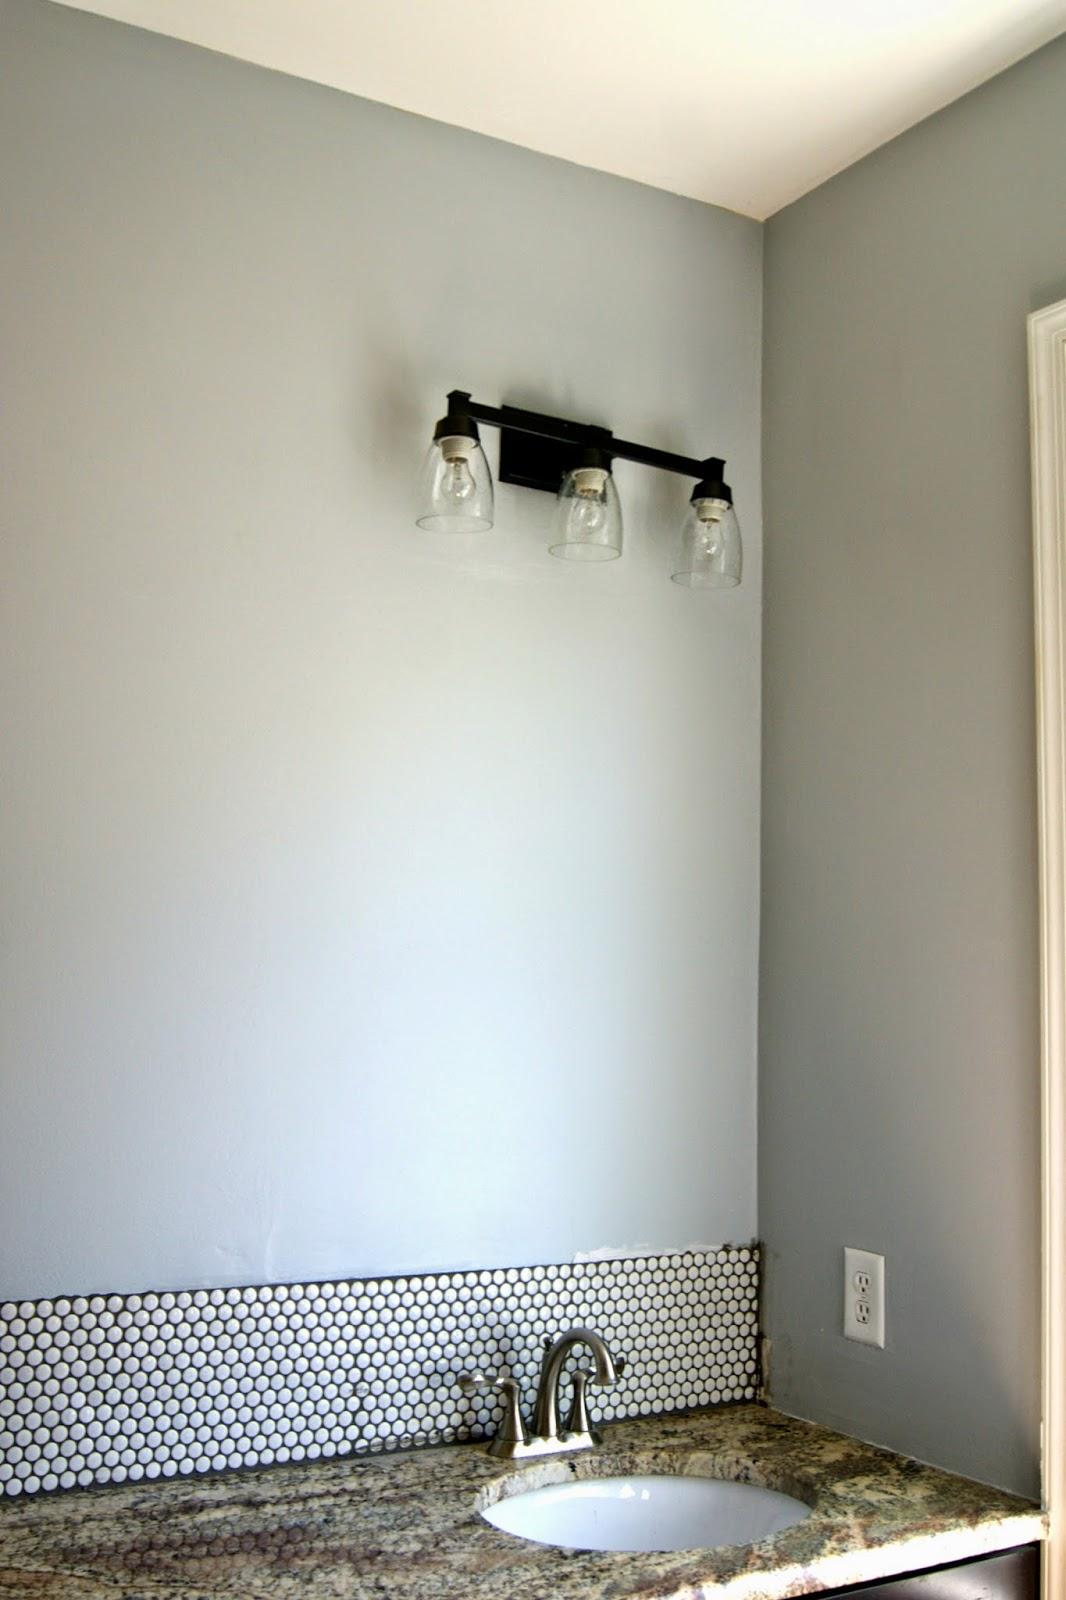 Penny tile bathroom backsplash ellis page - Penny tile backsplash images ...